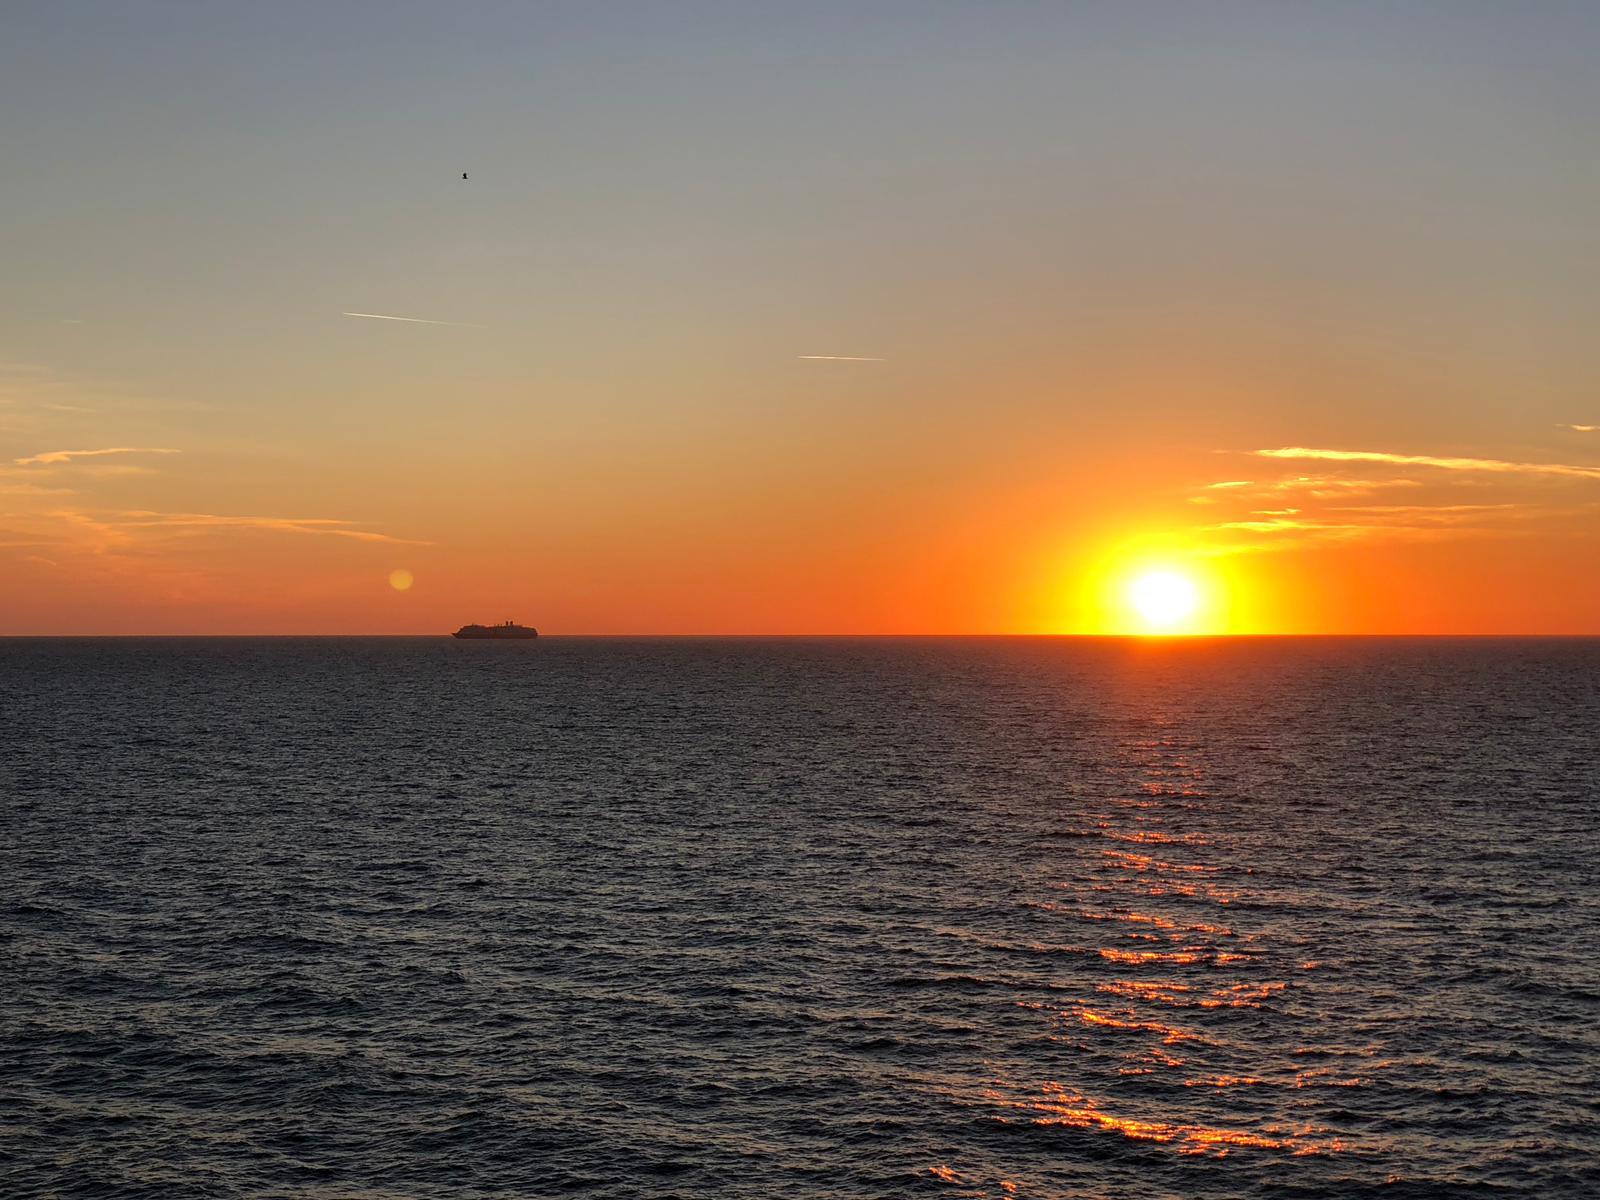 So geht Kreuzfahrt: Sonnenuntergang auf der Mein Schiff 5